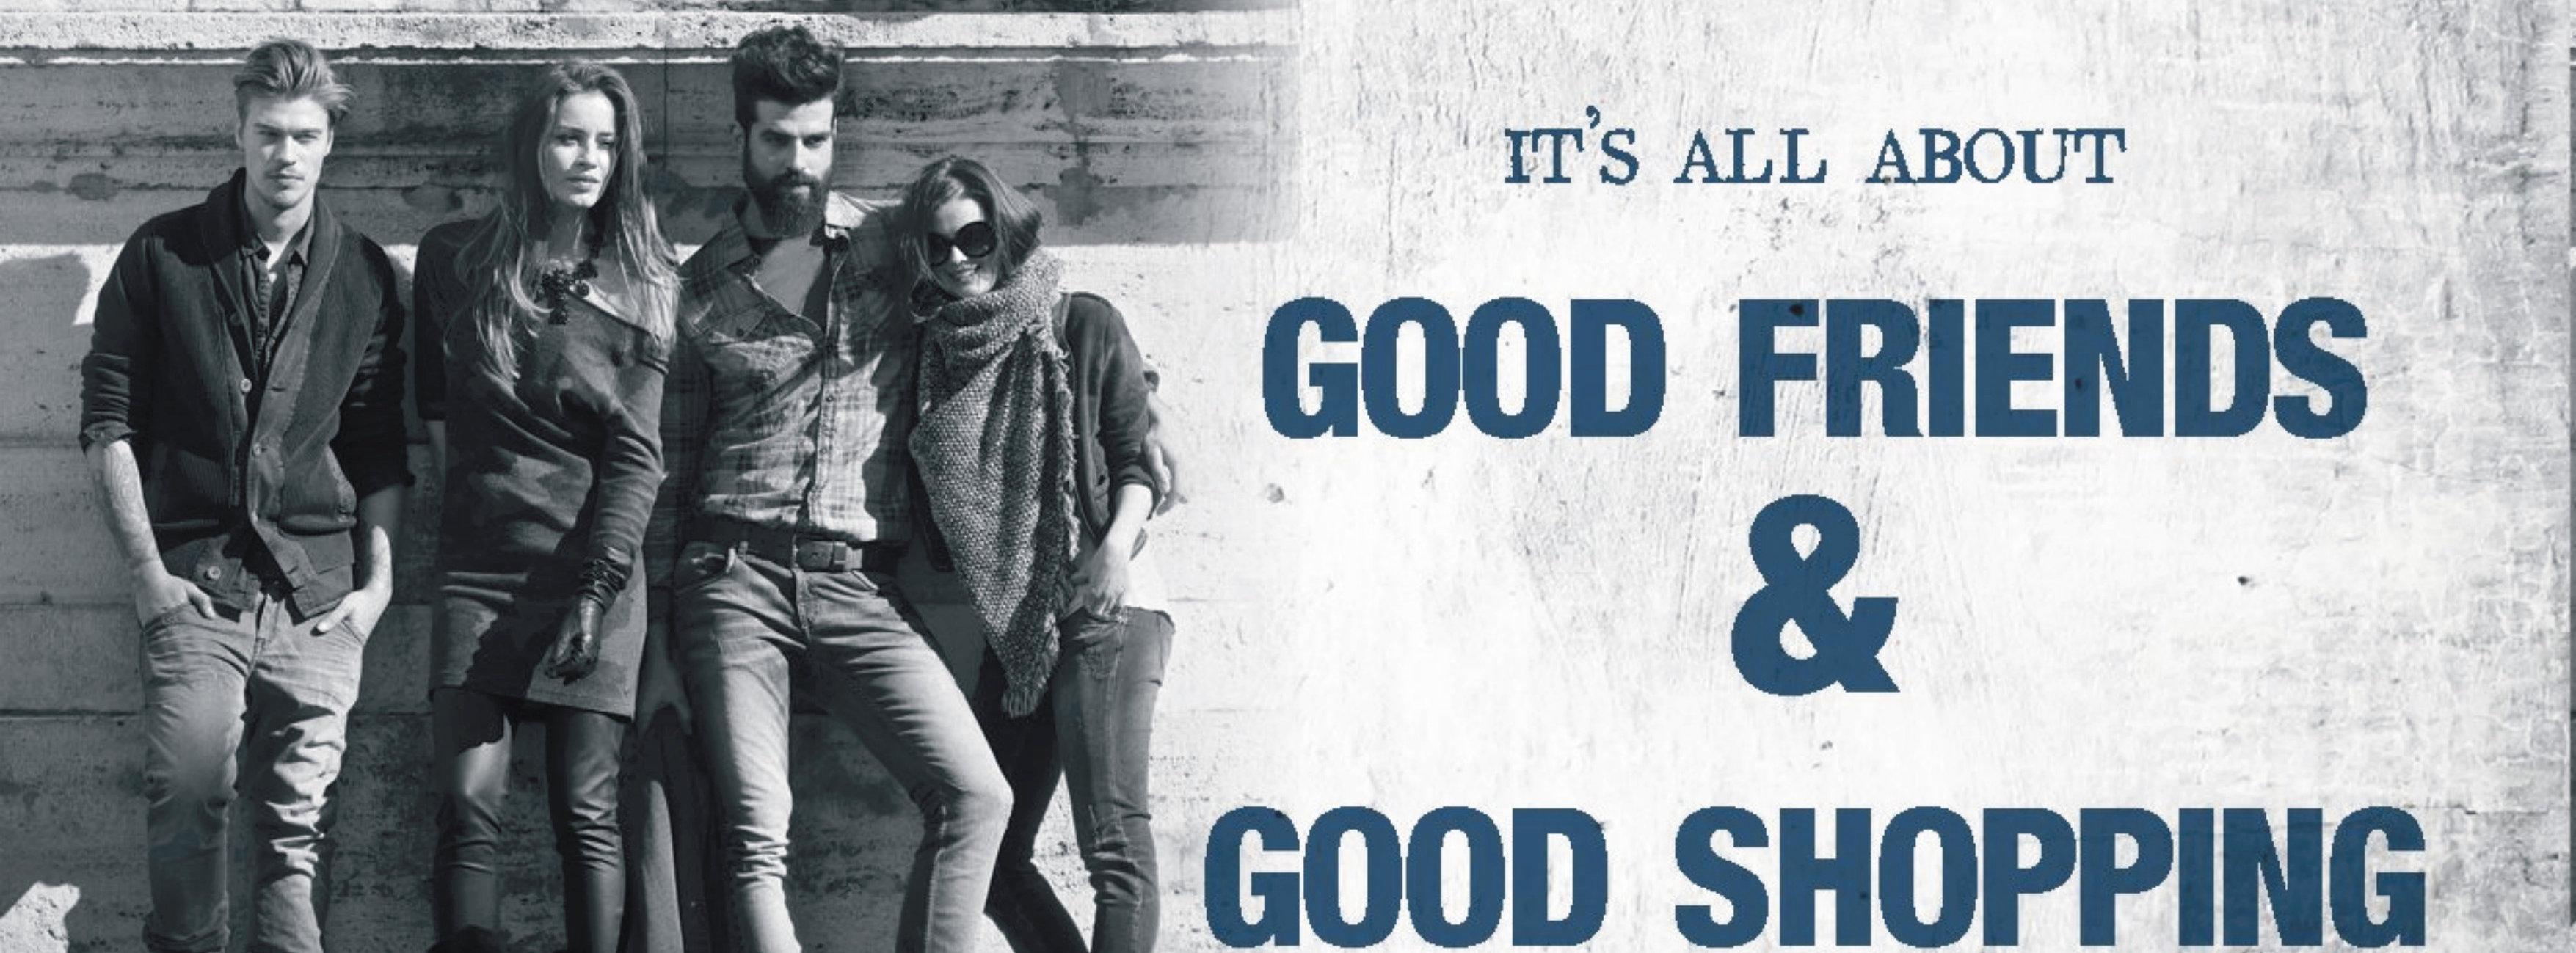 g-good friends